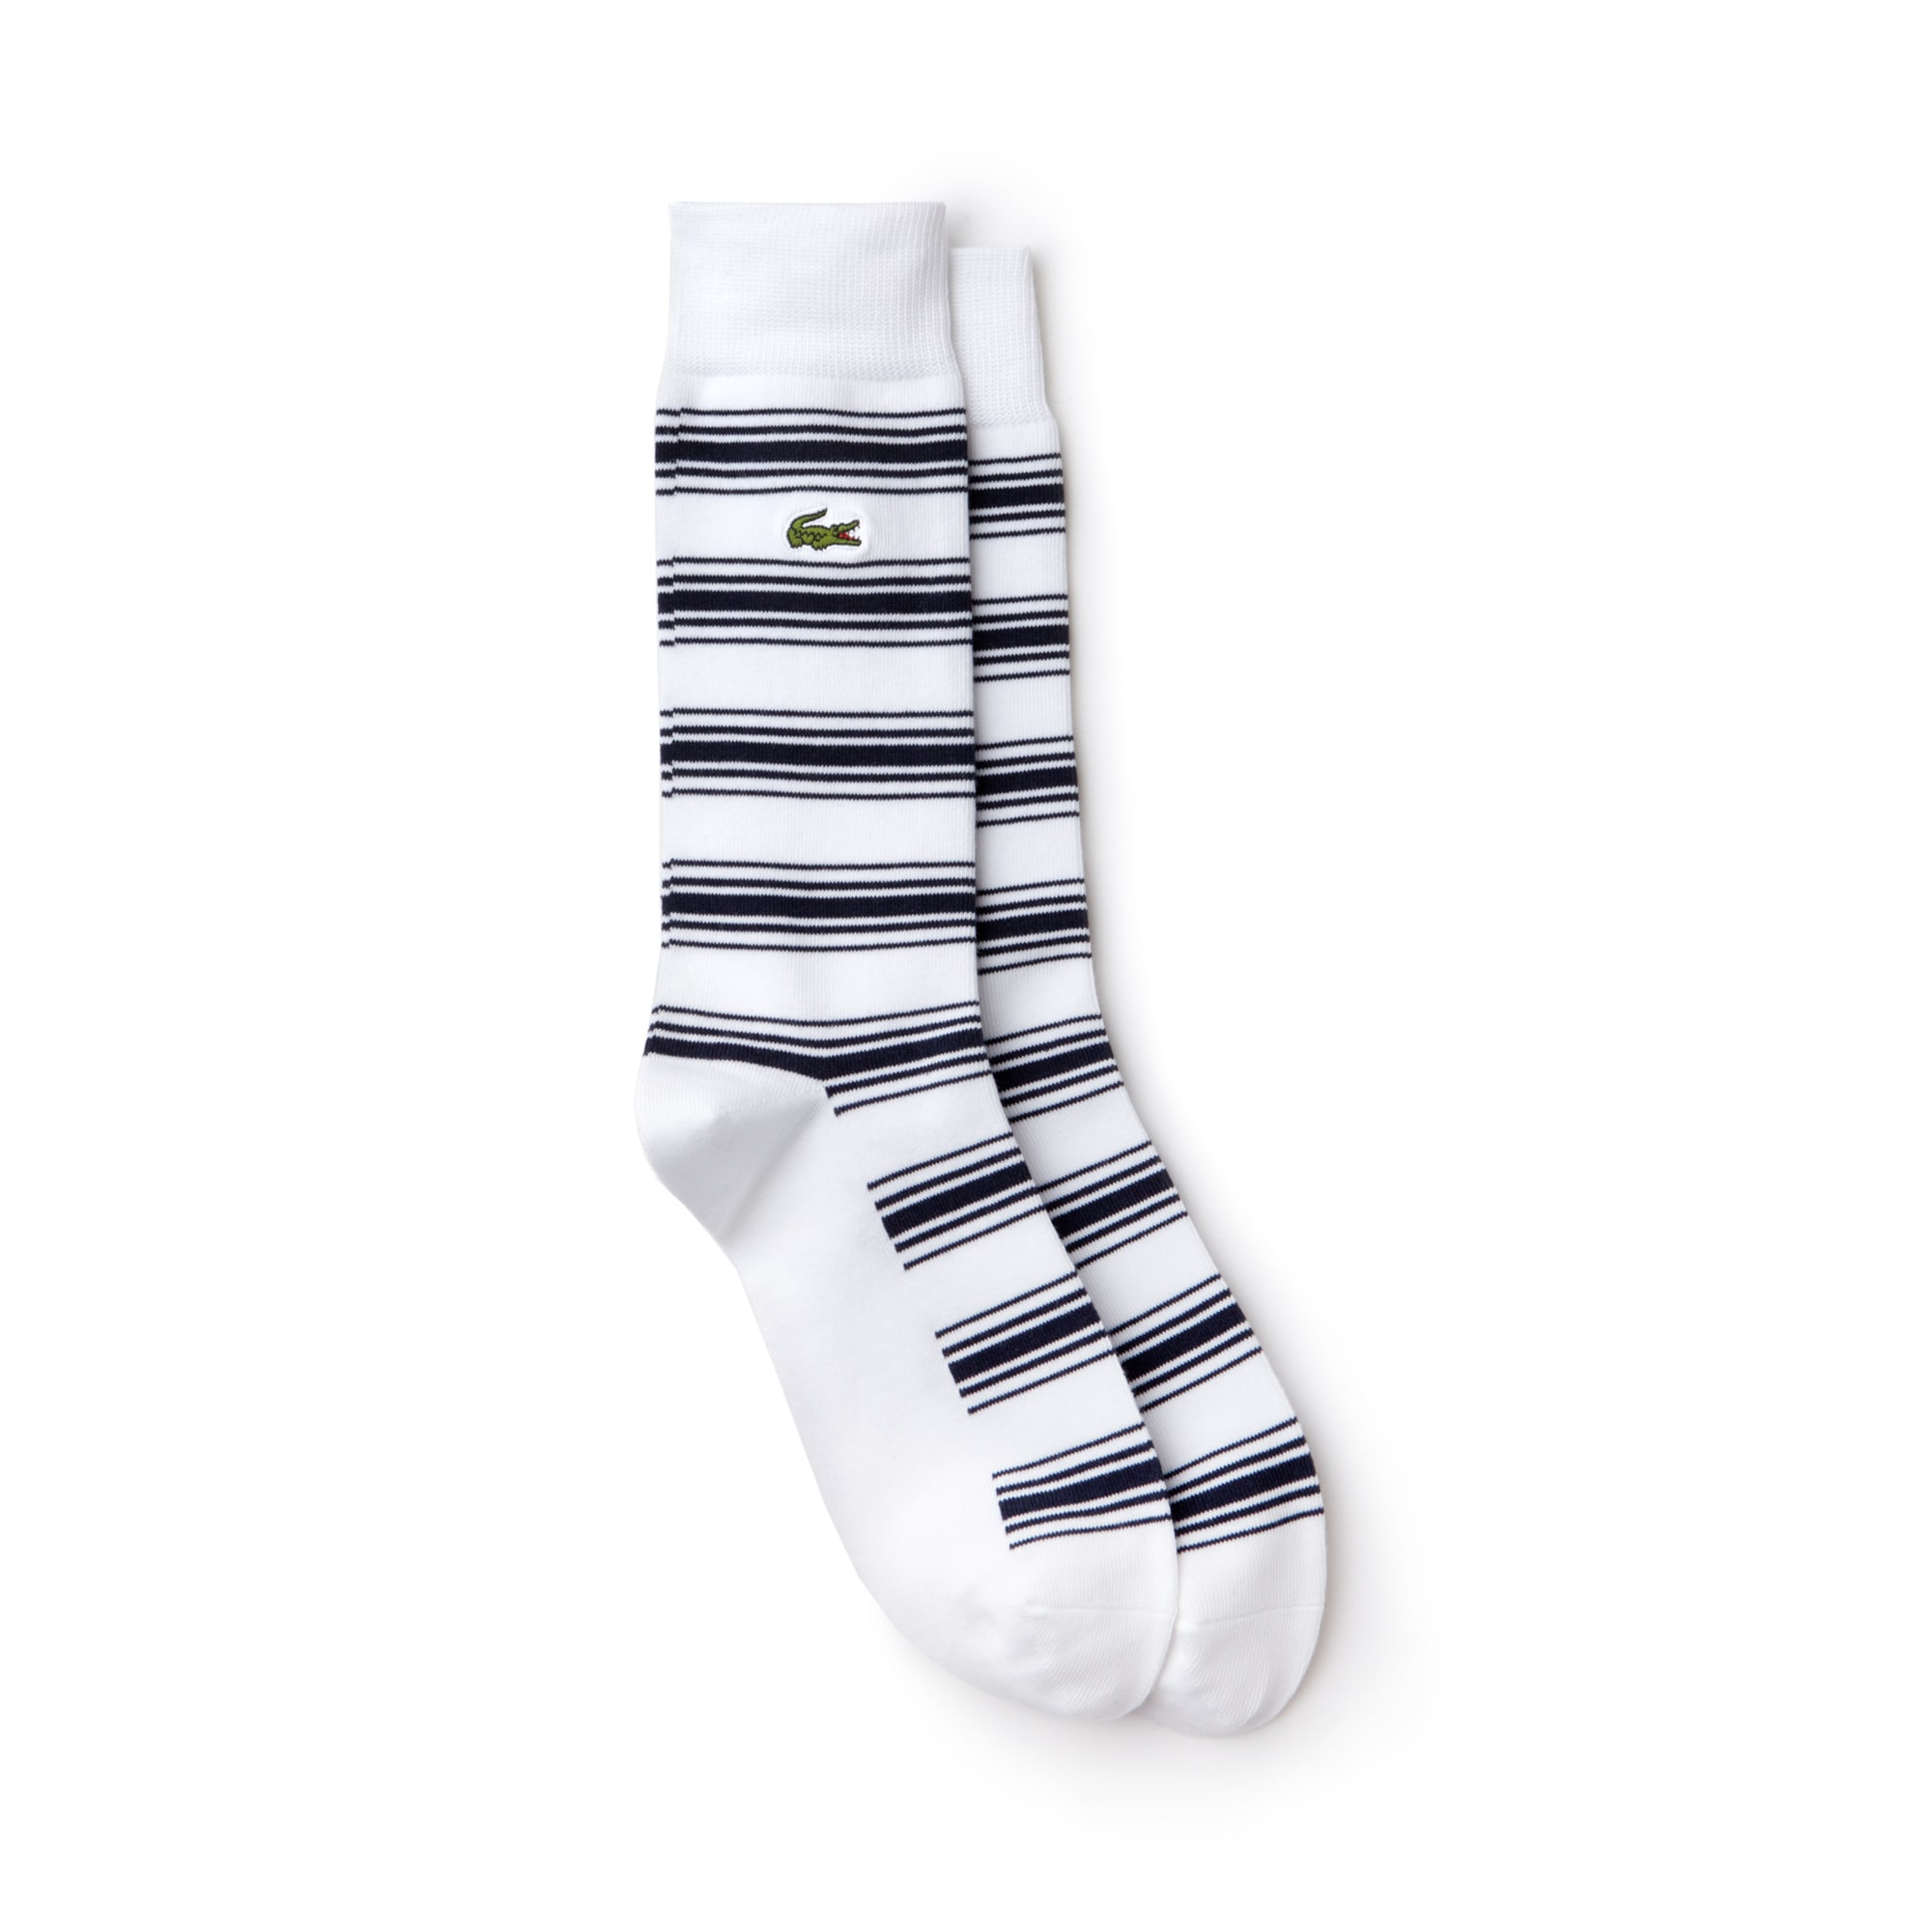 Men's Striped Stretch Cotton Jersey Socks